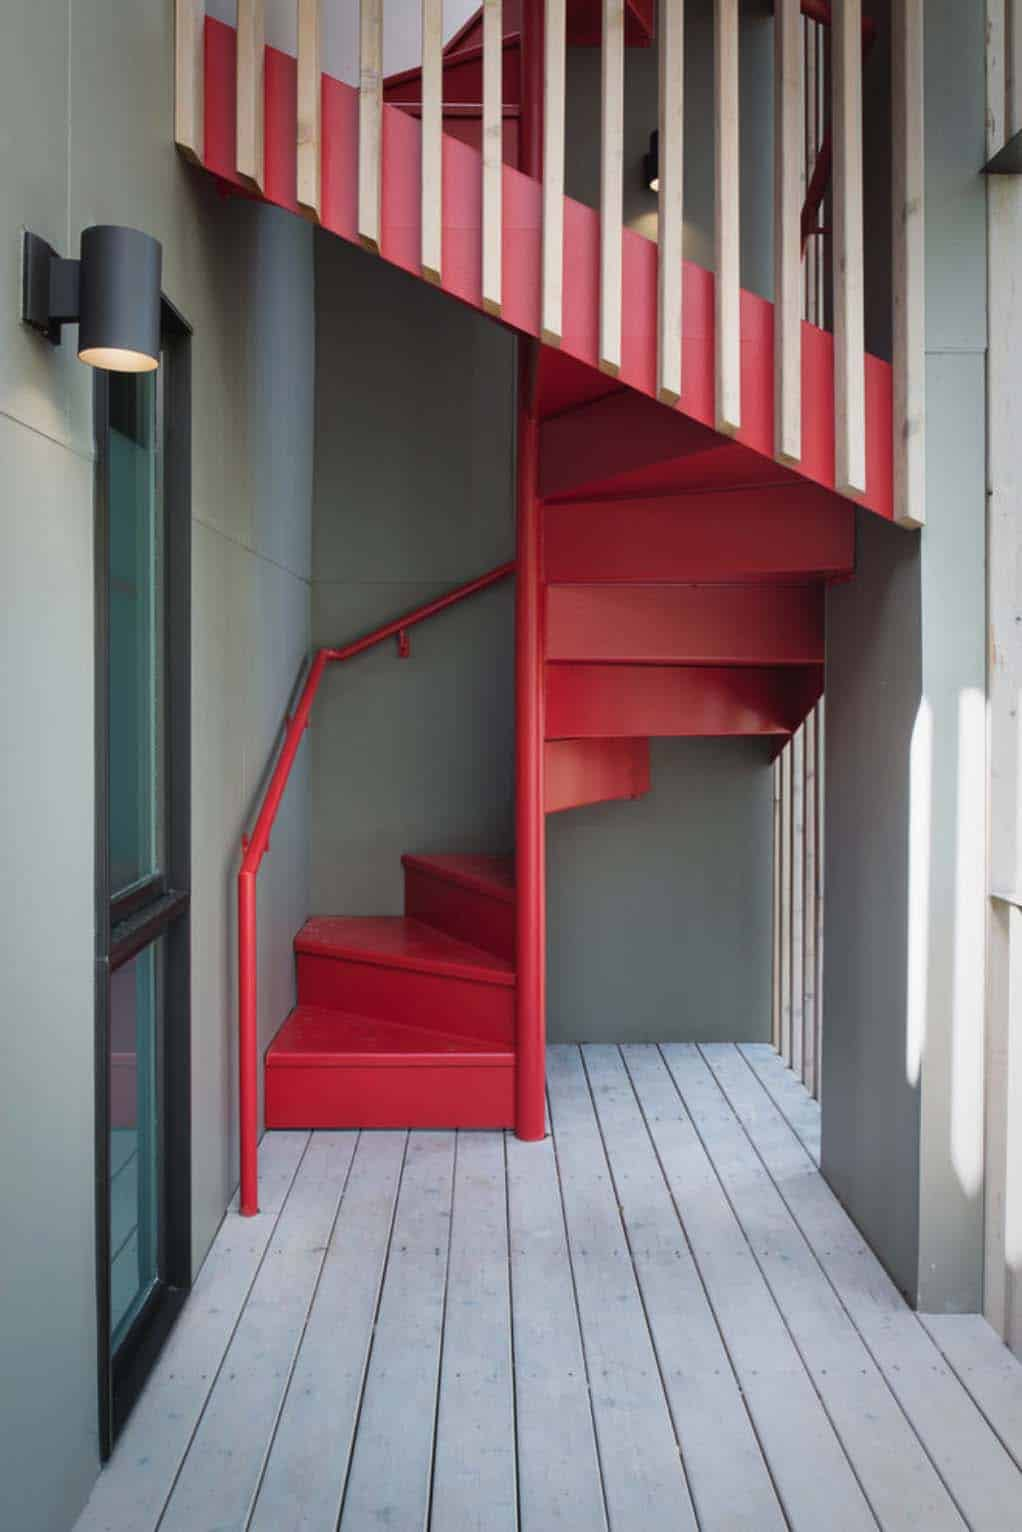 escalier-en-colimaçon-moderne-mi-siècle